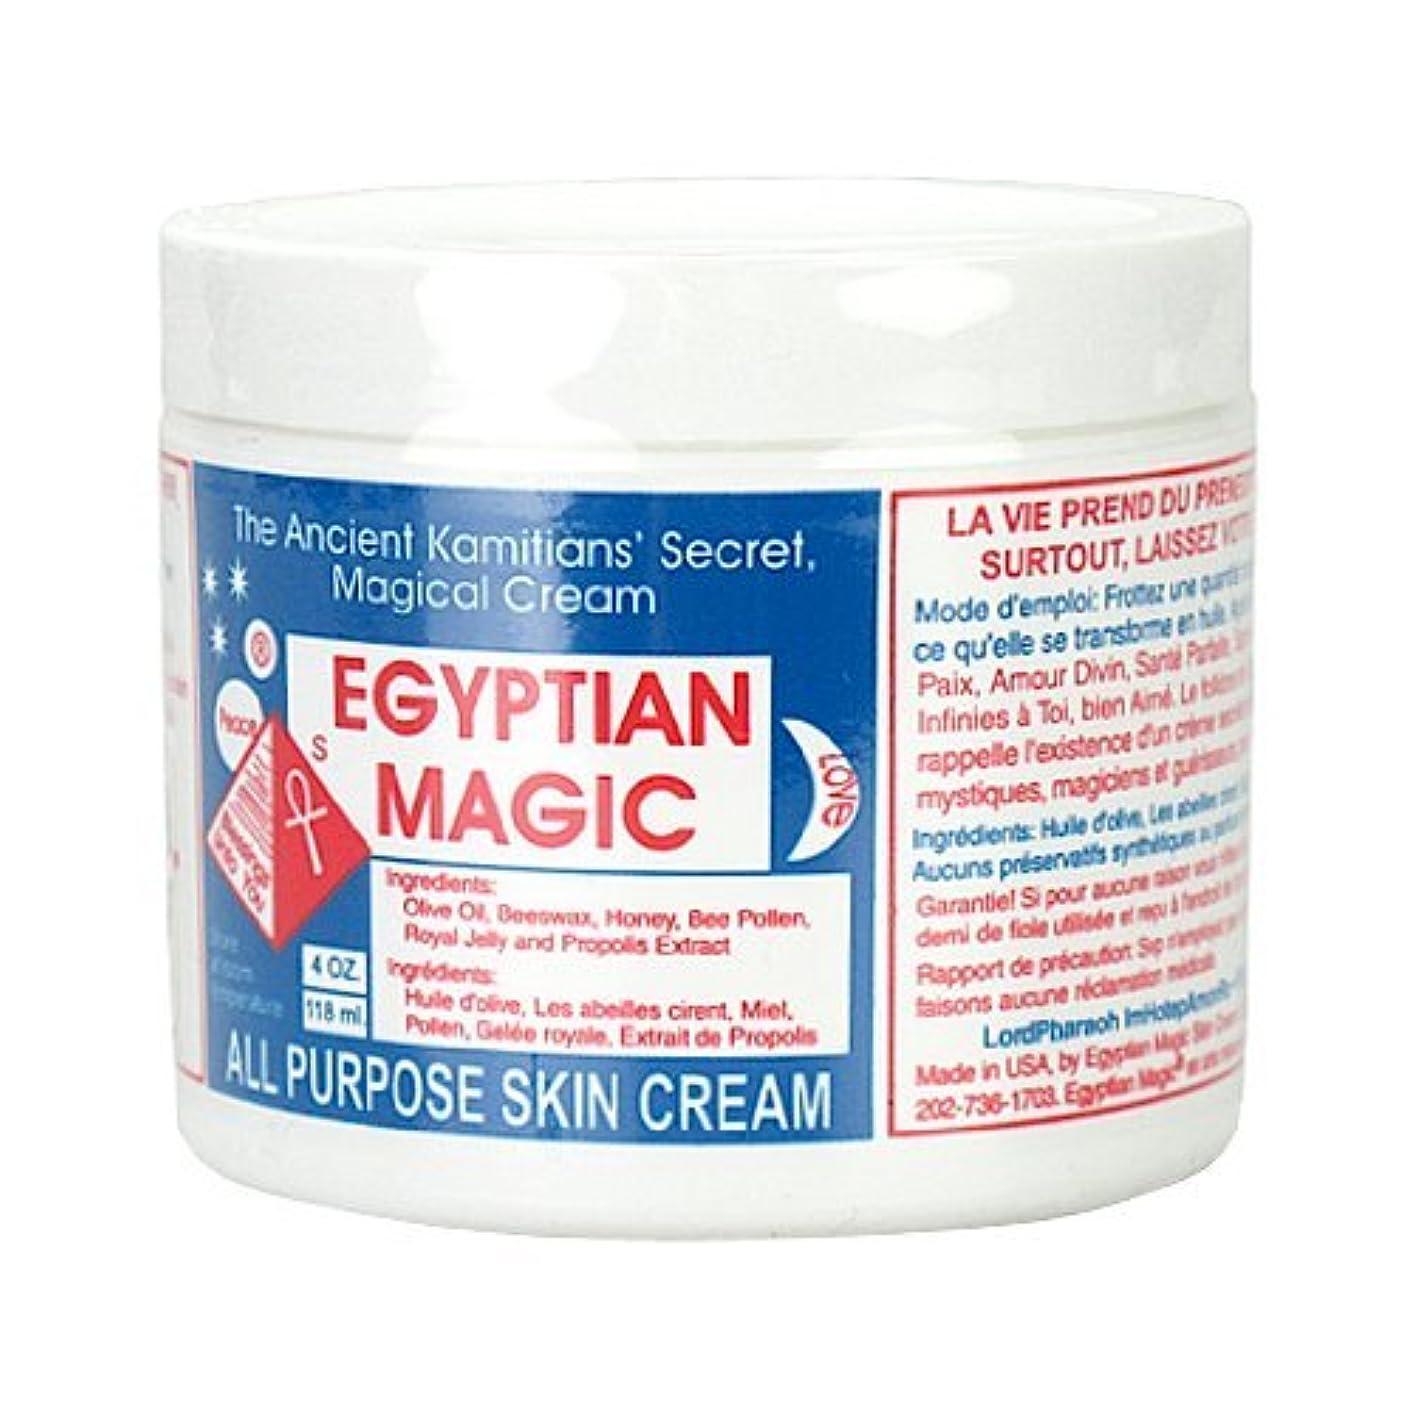 足首商品荒野エジプシャンマジック EGYPTIAN MAGIC エジプシャン マジック クリーム 118ml 保湿クリーム